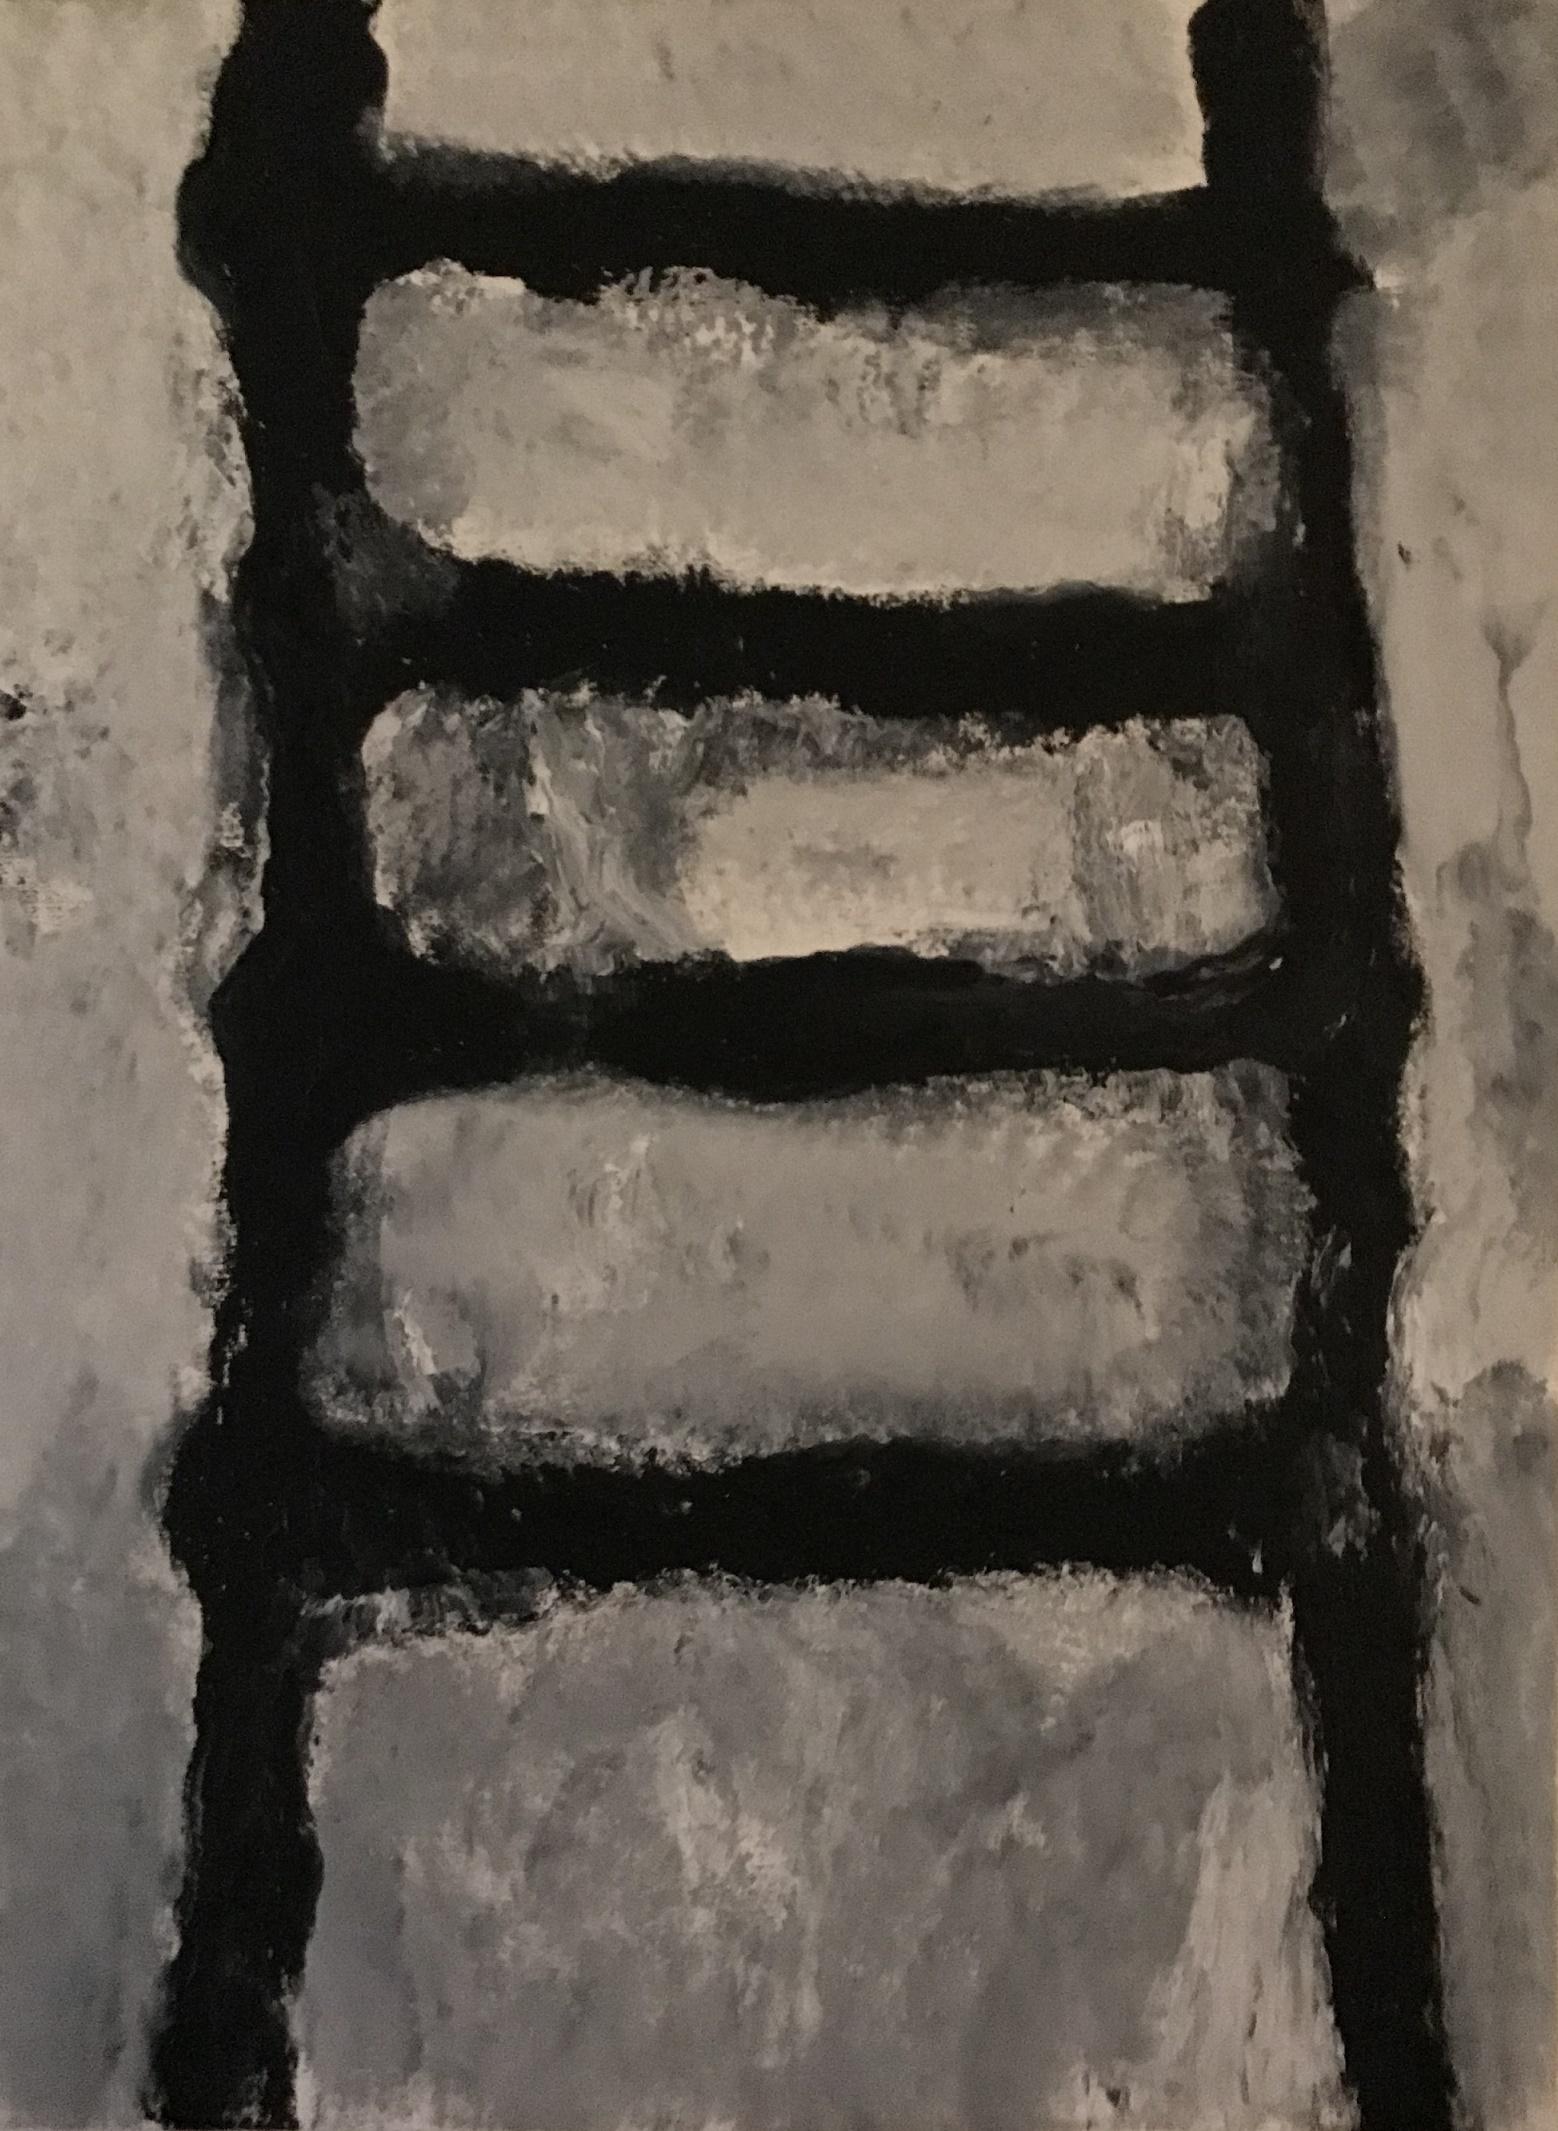 Die Leiter (de ladder),